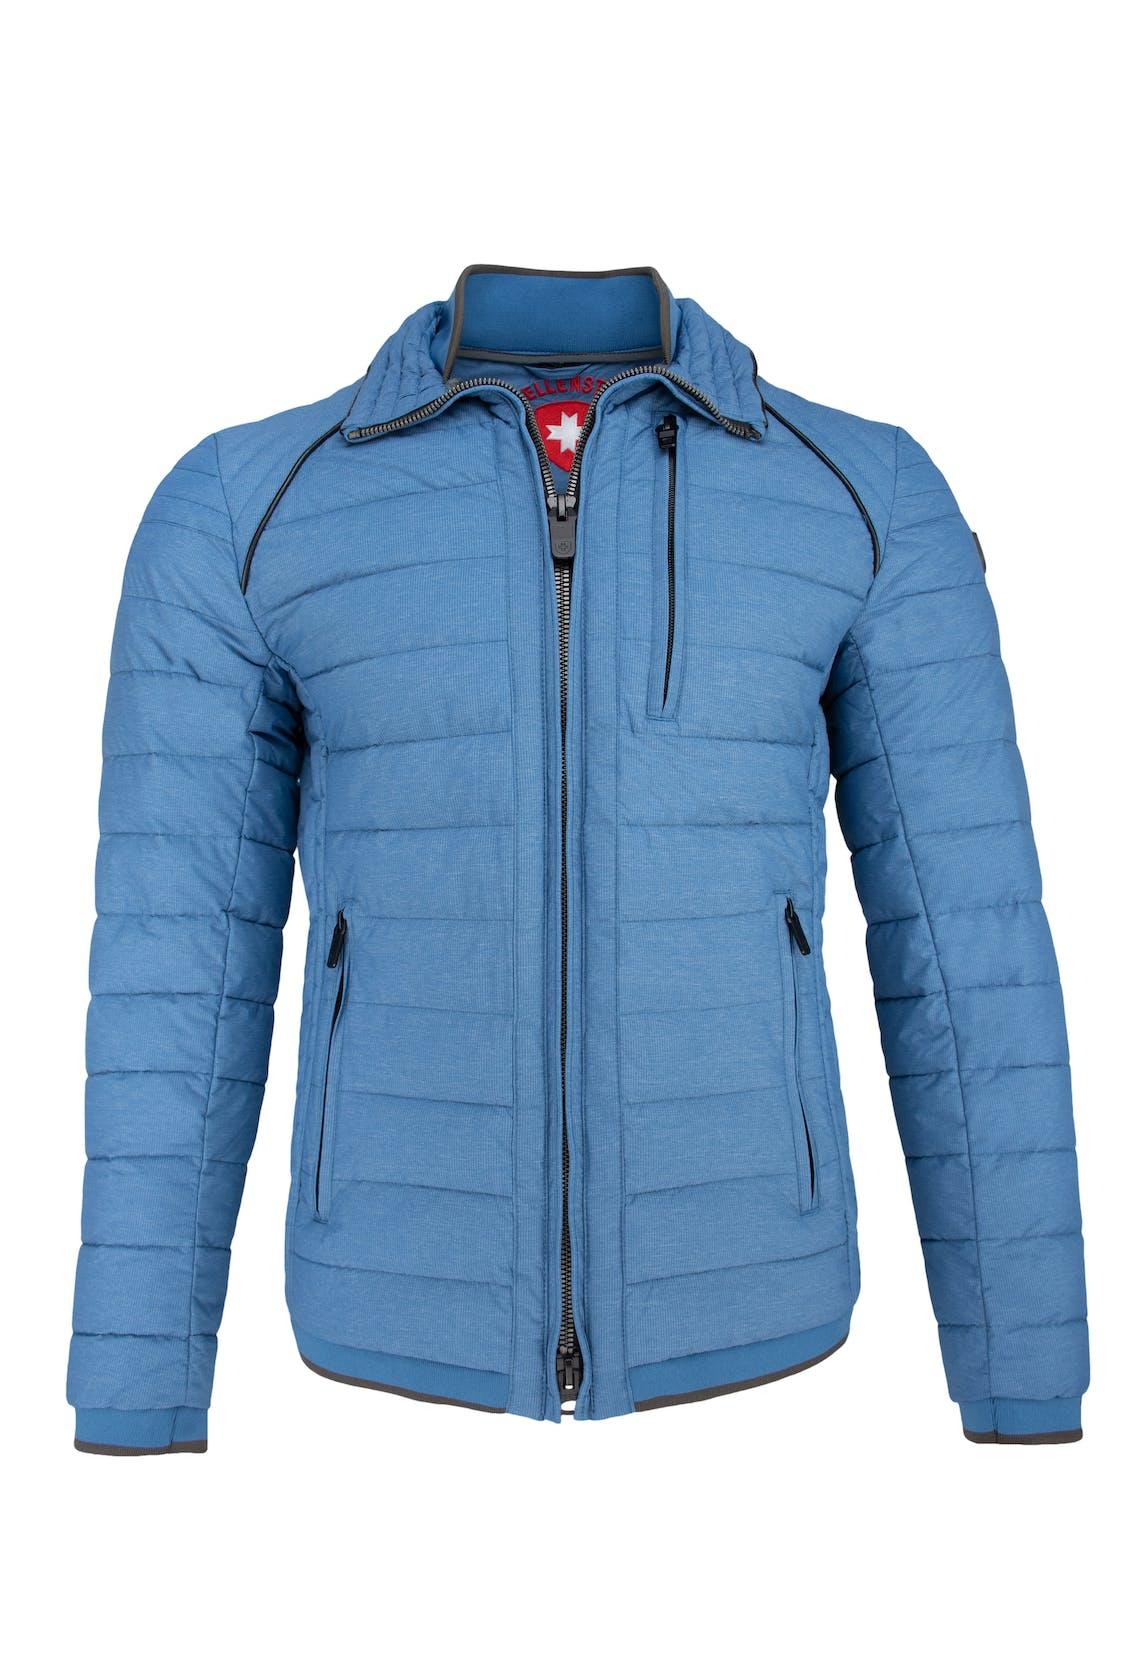 Winterjacke in hellblau von Wellensteyn für Herren